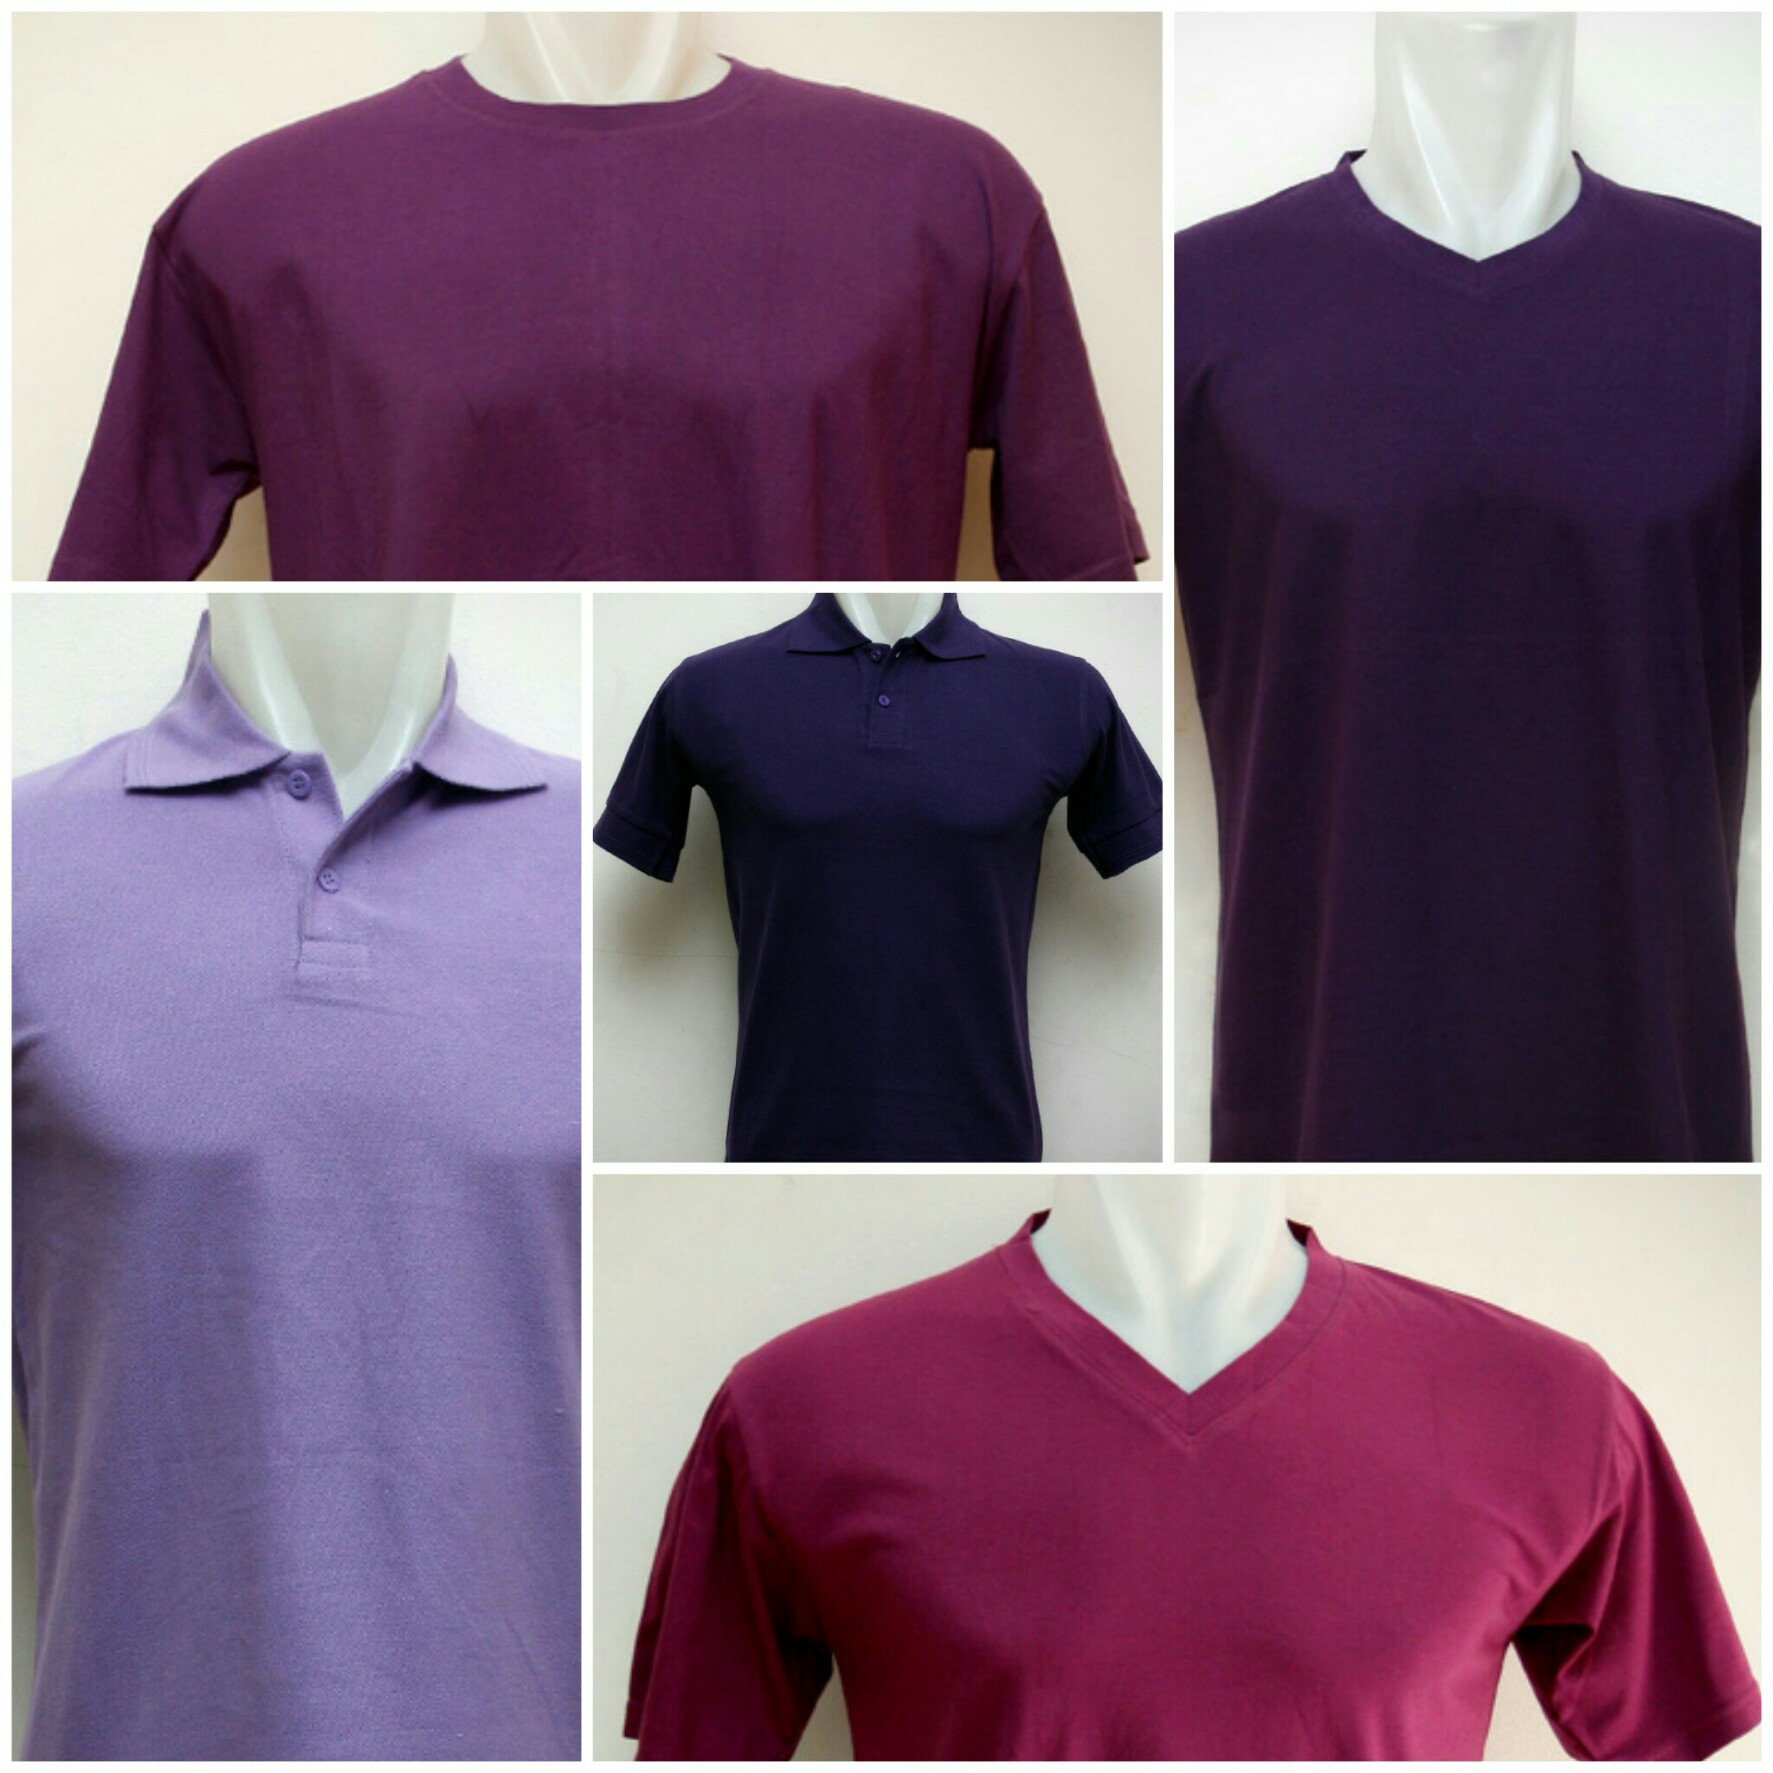 Mengenakan kaos polos warna ungu bagi mereka yang menyukai jenis warna ini tentu akan memberikan rasa percaya diri karena mampu mengekspresikan karakter